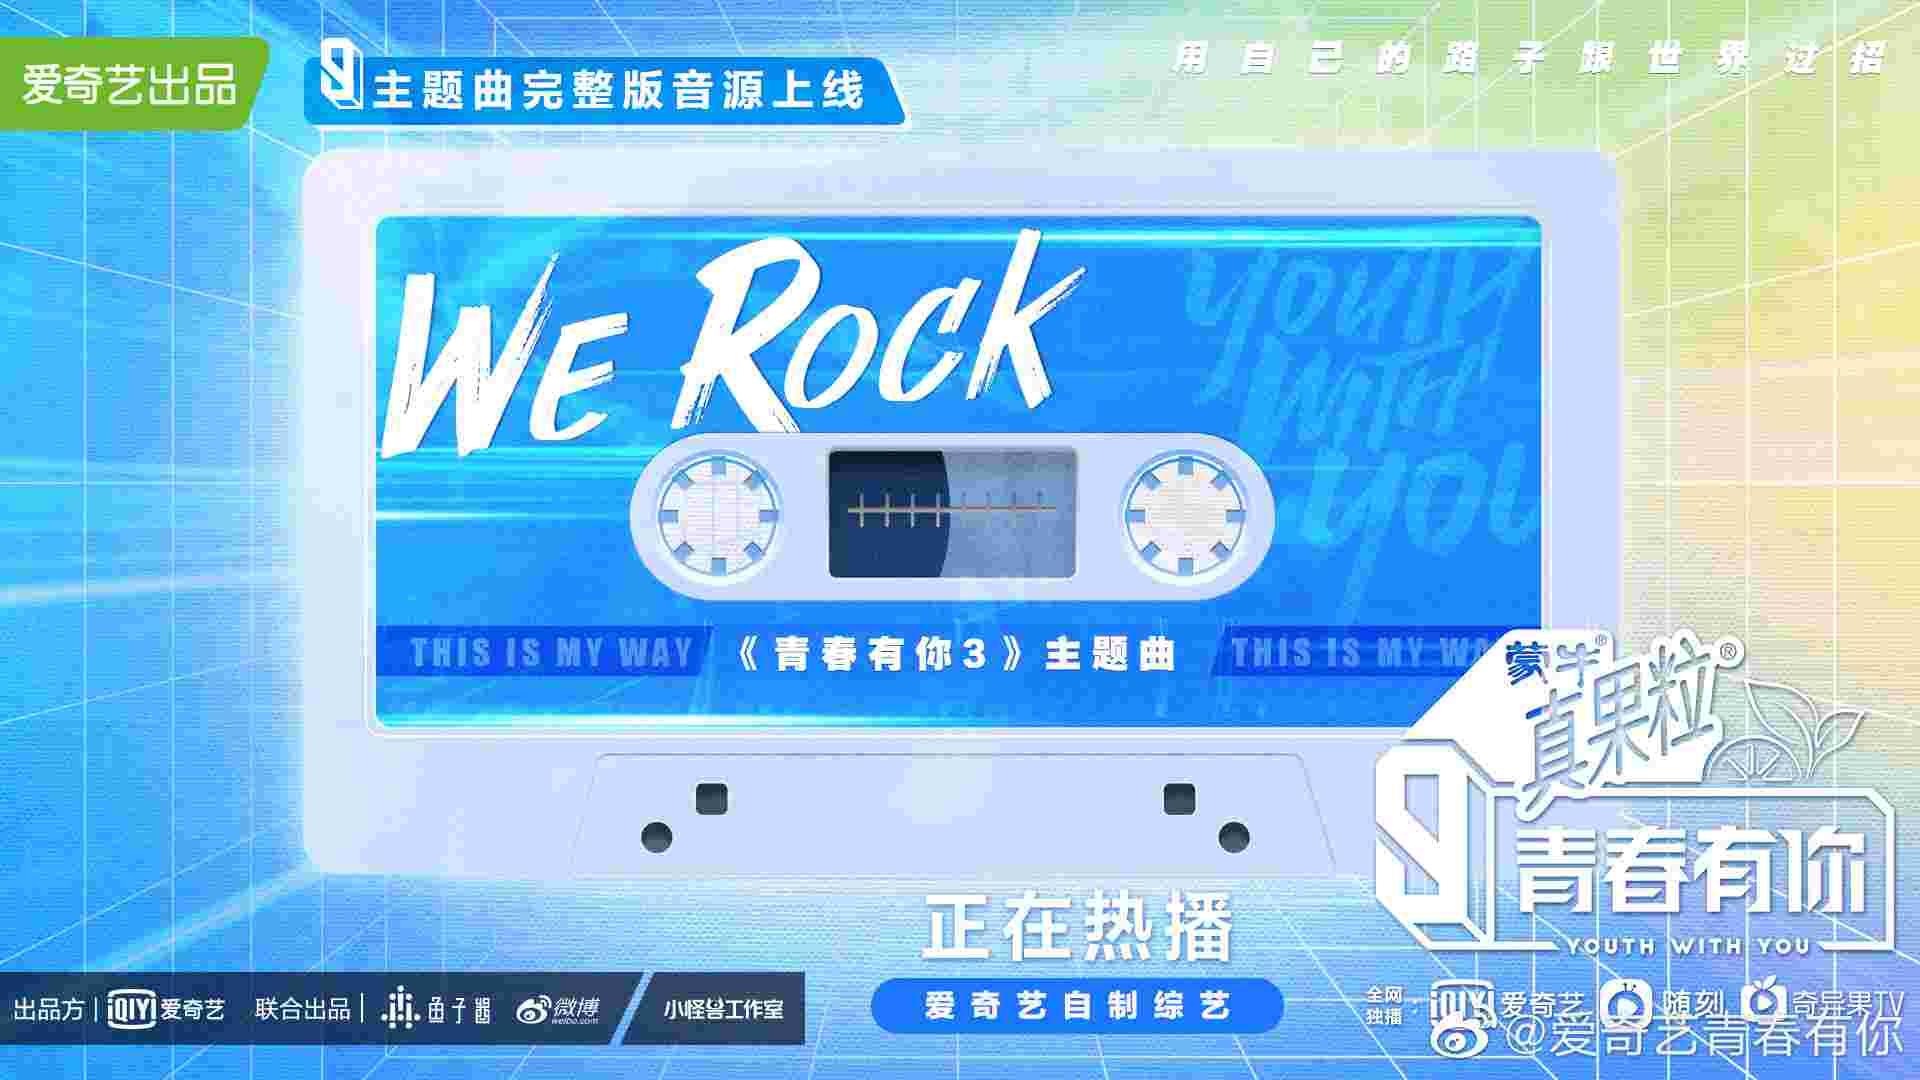 《青春有你3》主题曲《We Rock》上热搜!还记得摇滚史上名曲《We Will Rock You》的演唱者吗?